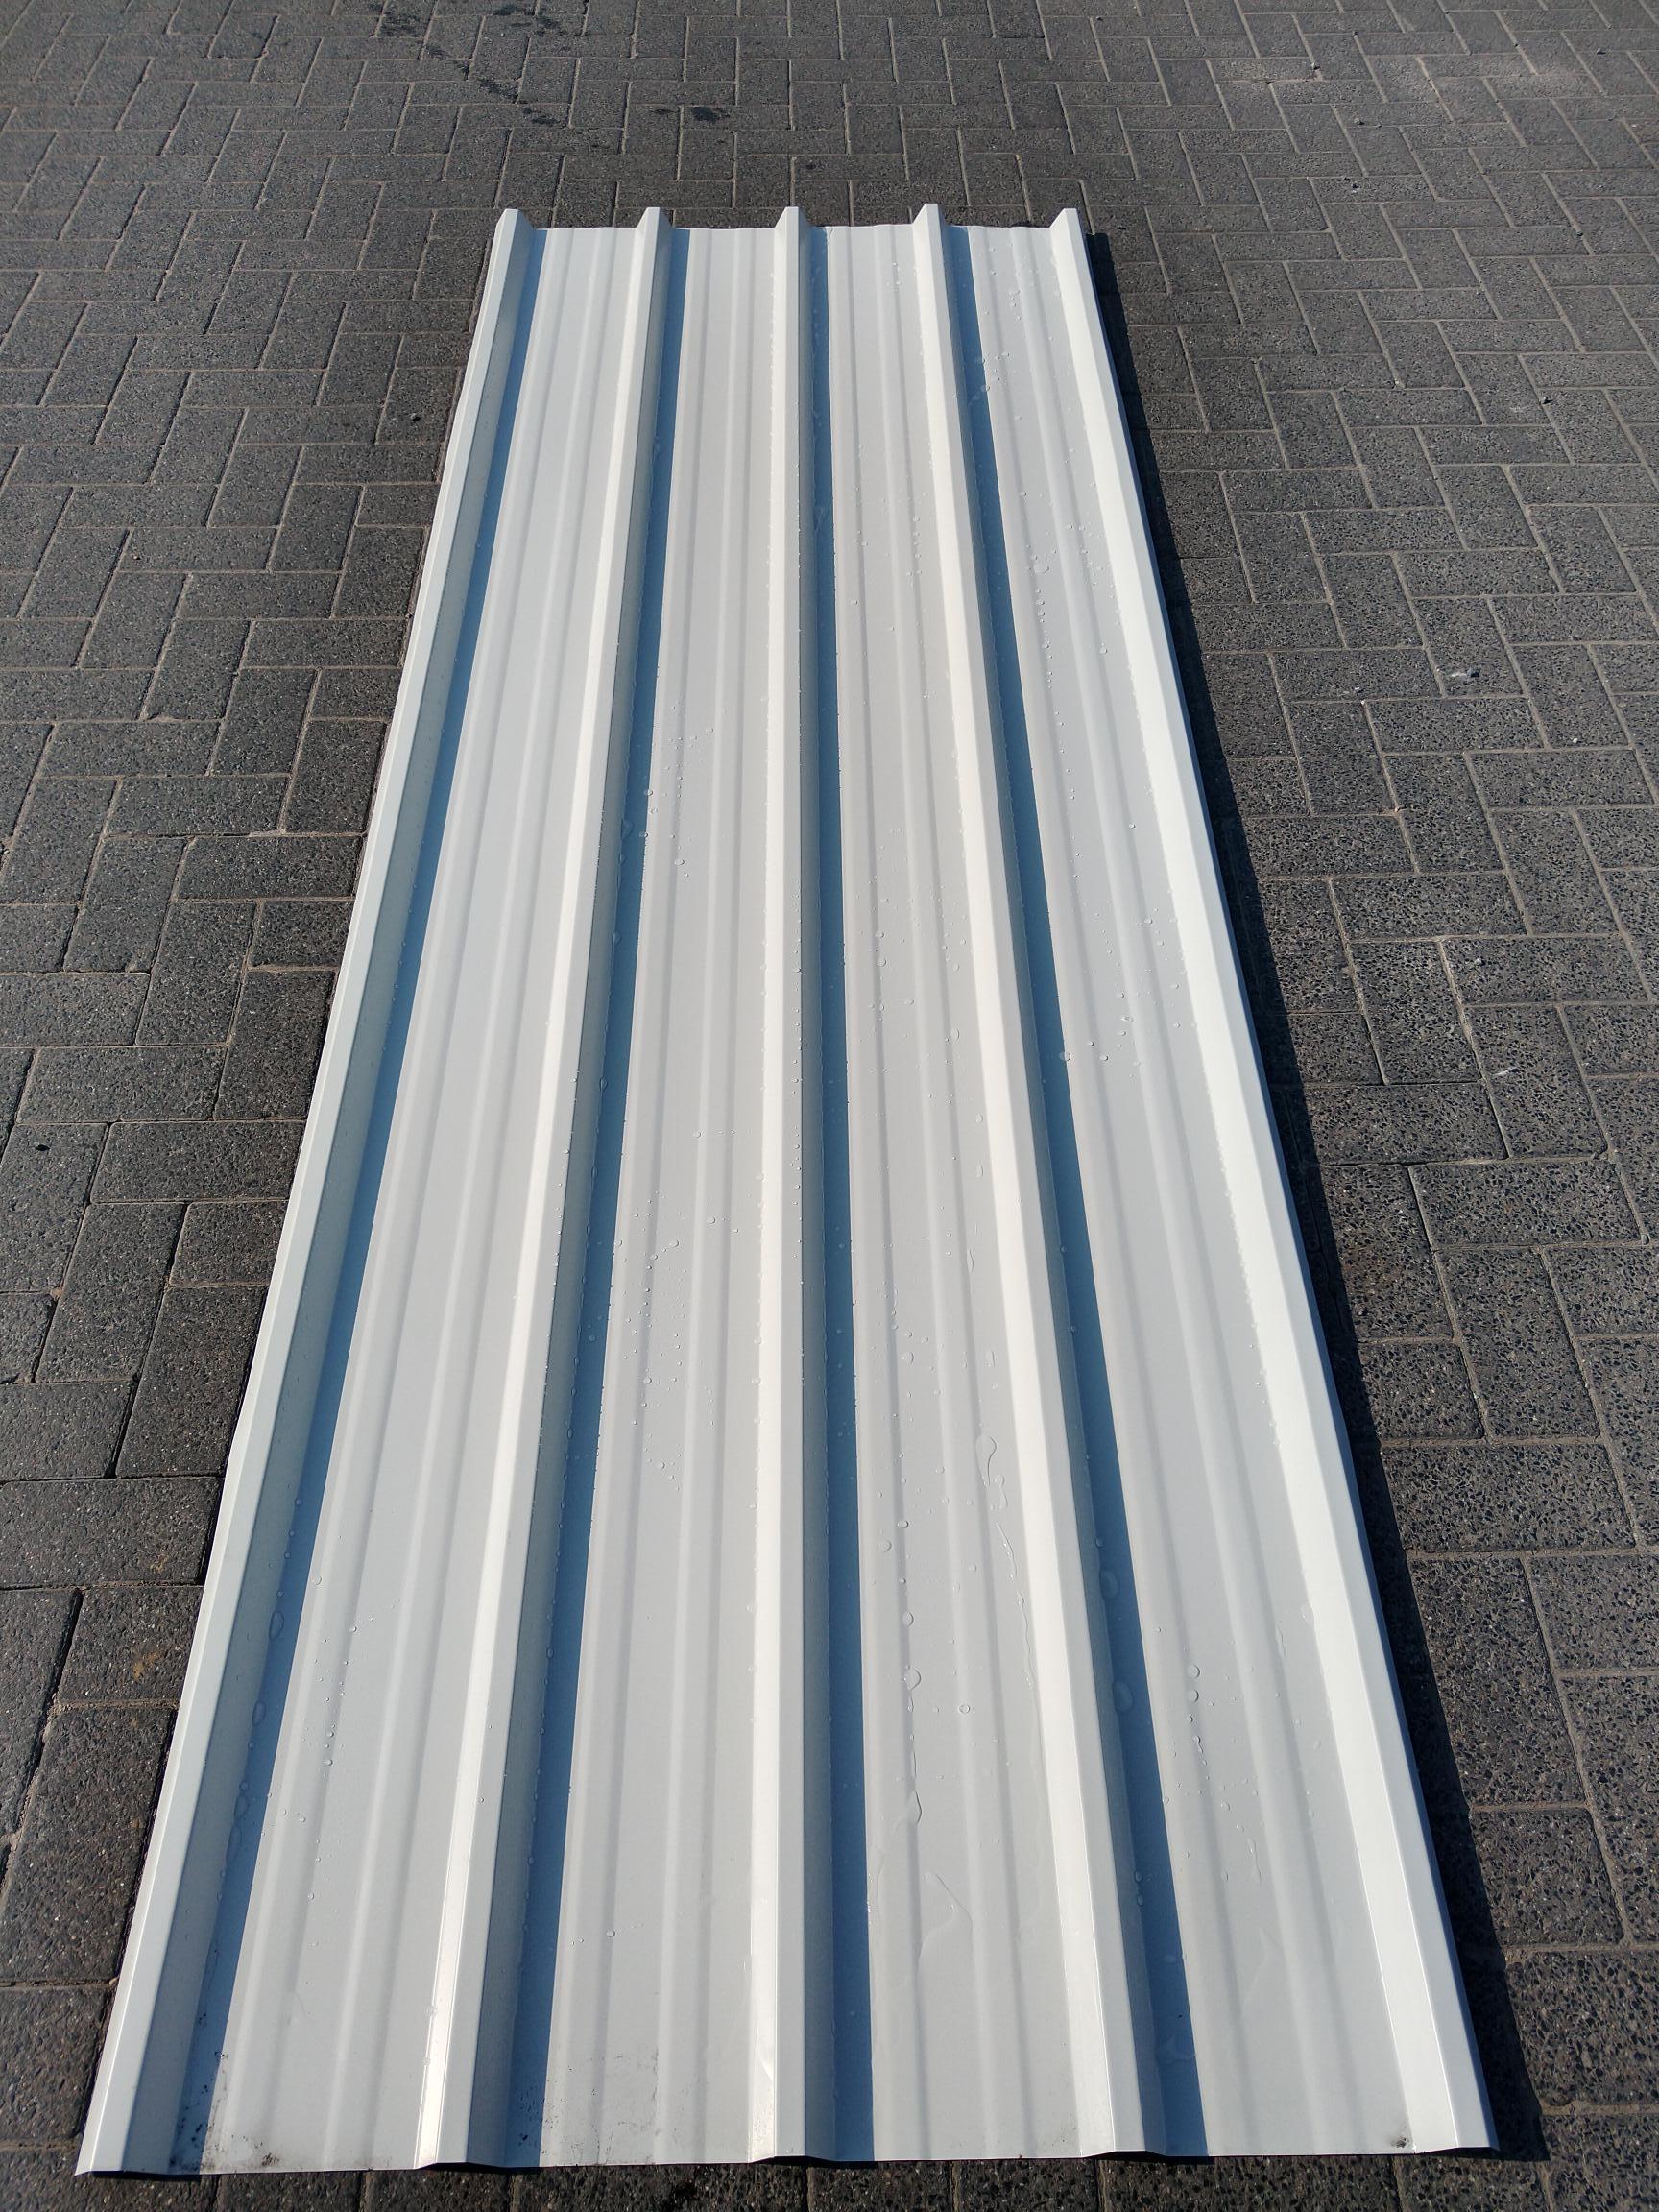 metalen profielplaten - lotkeuze